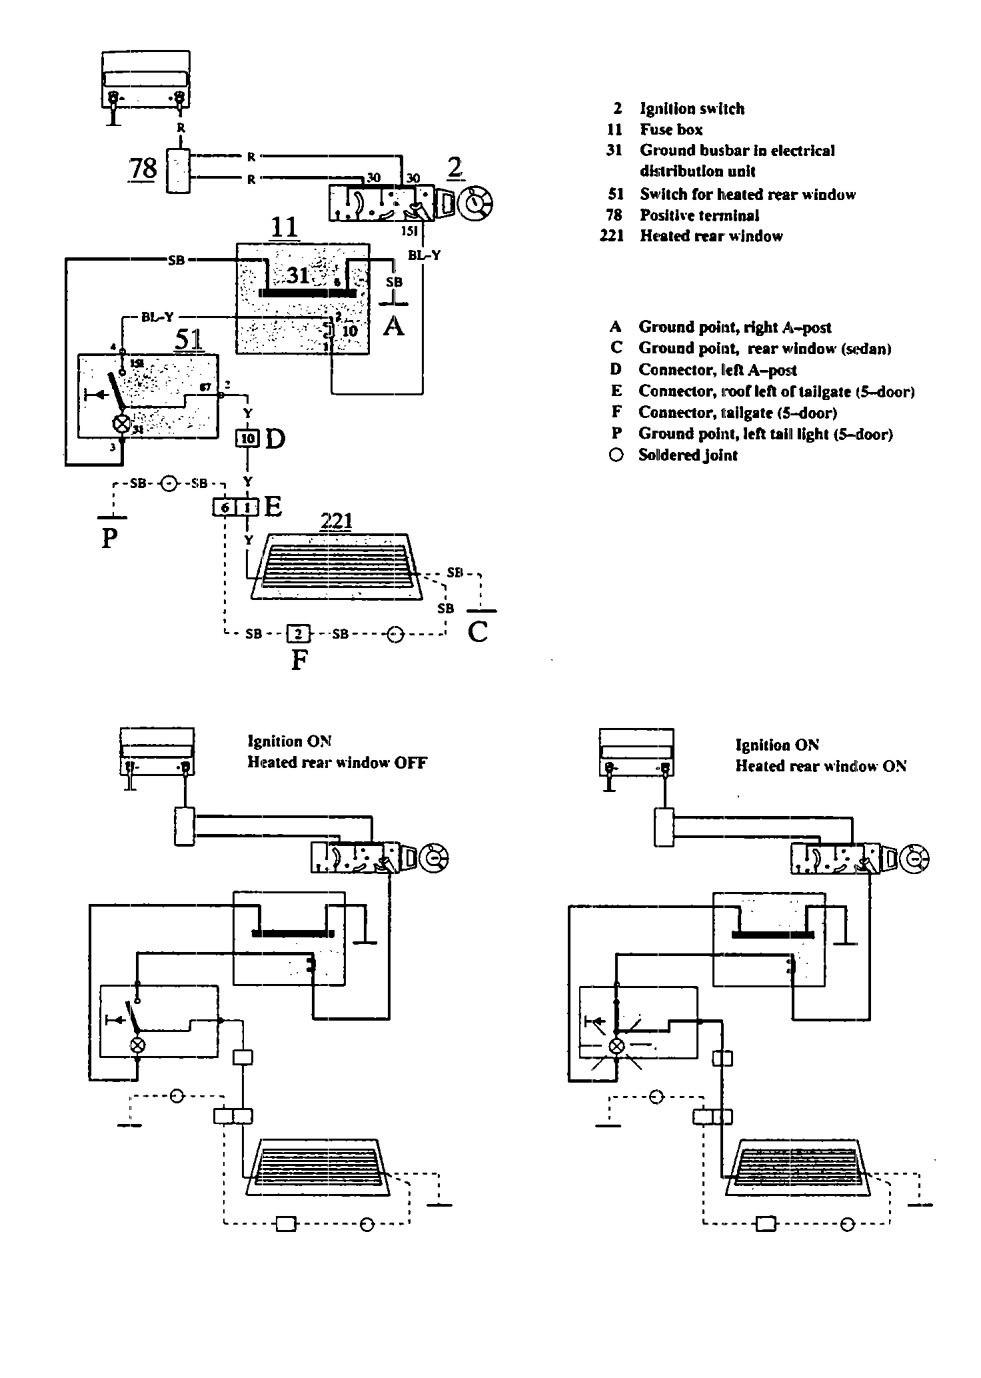 1995 Volvo 850 Wiring Diagram Schematics 1993 Honda Prelude Electrical System 940 Instrument Cluster Radio